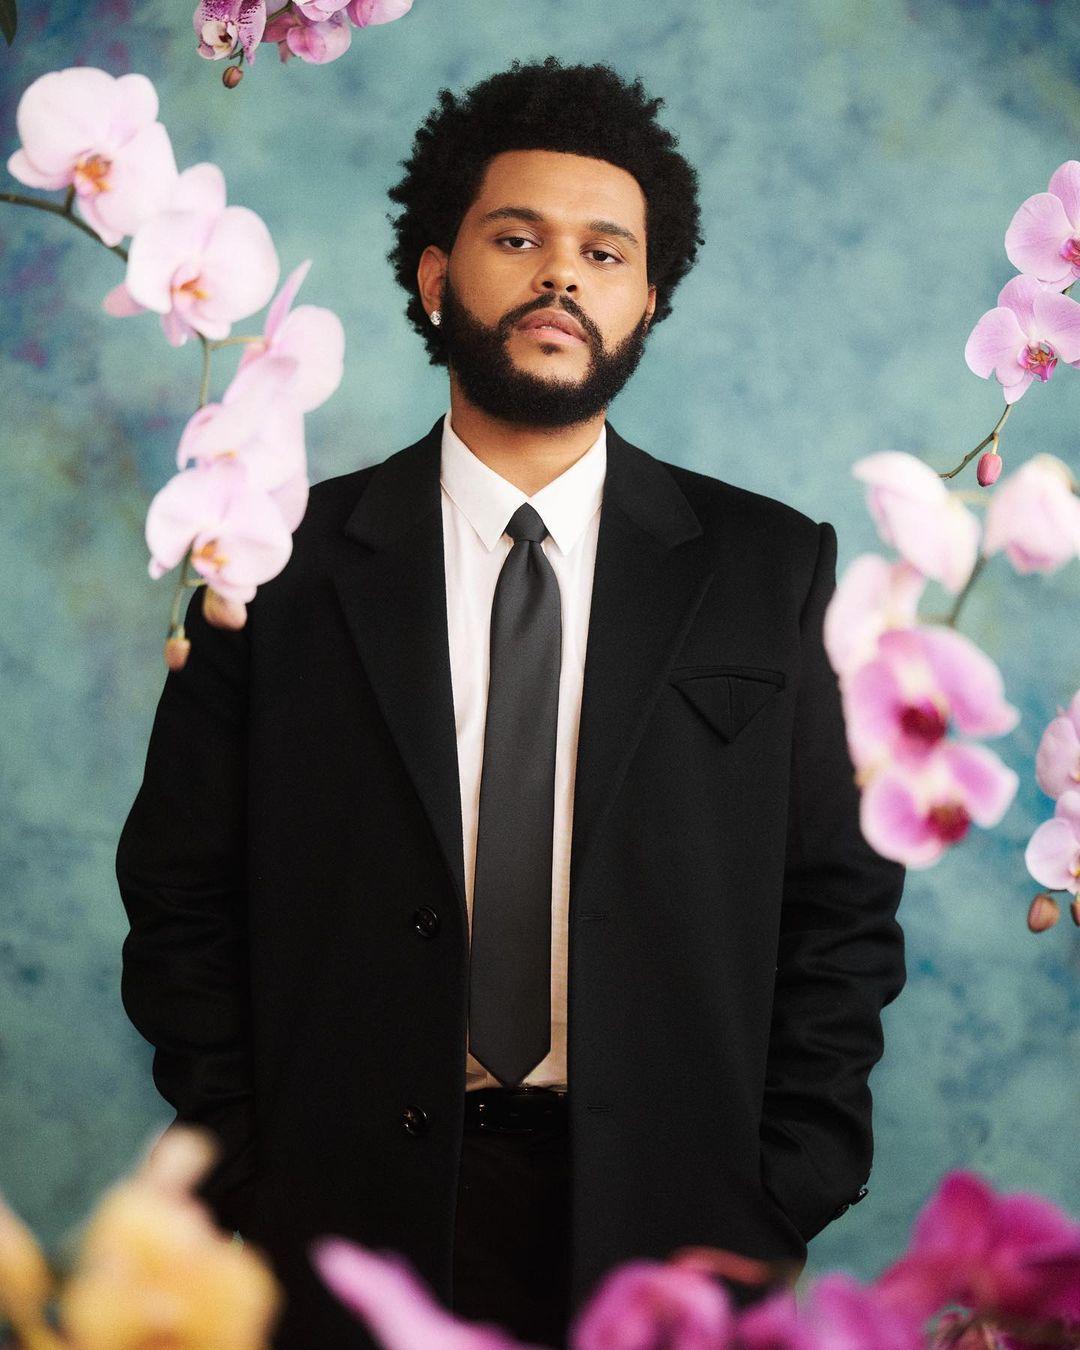 Новое призвание: The Weeknd стал послом Всемирной продовольственной программы ООН-Фото 1